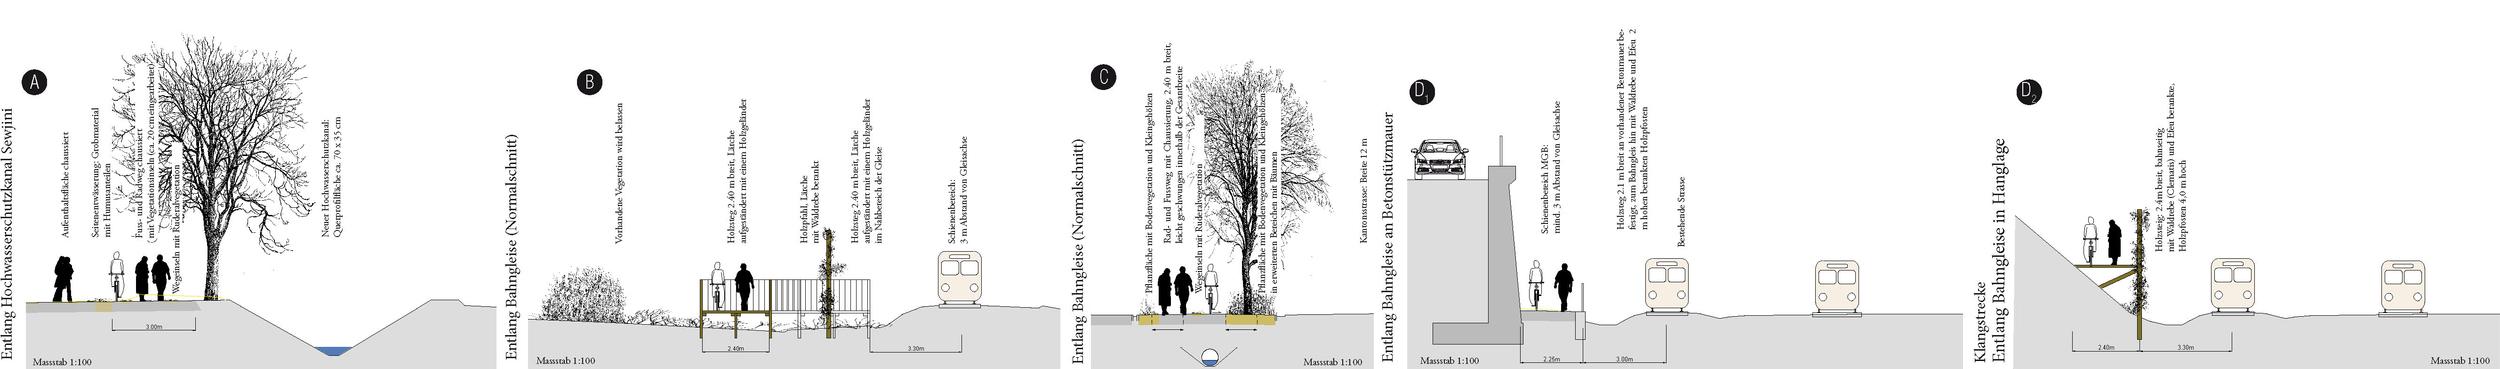 Von Verschiedene Gegebenheiten zu verschiedenen Wegeprofilen entlang der Gesamten Wegestrecke